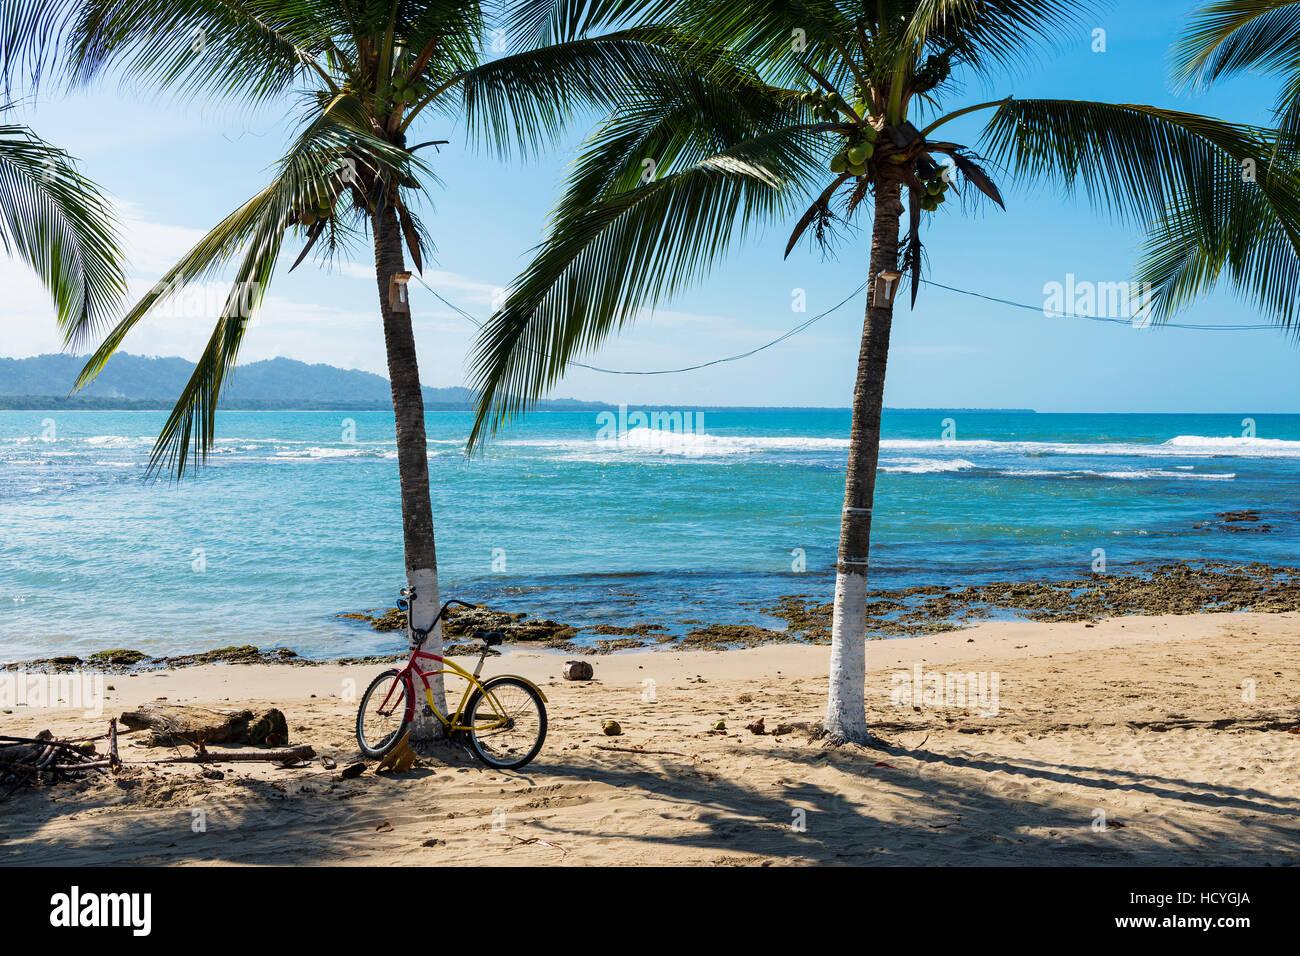 Blick auf einen Strand mit Palmen in Puerto Viejo de Talamanca, Costa Rica, Mittelamerika Stockbild